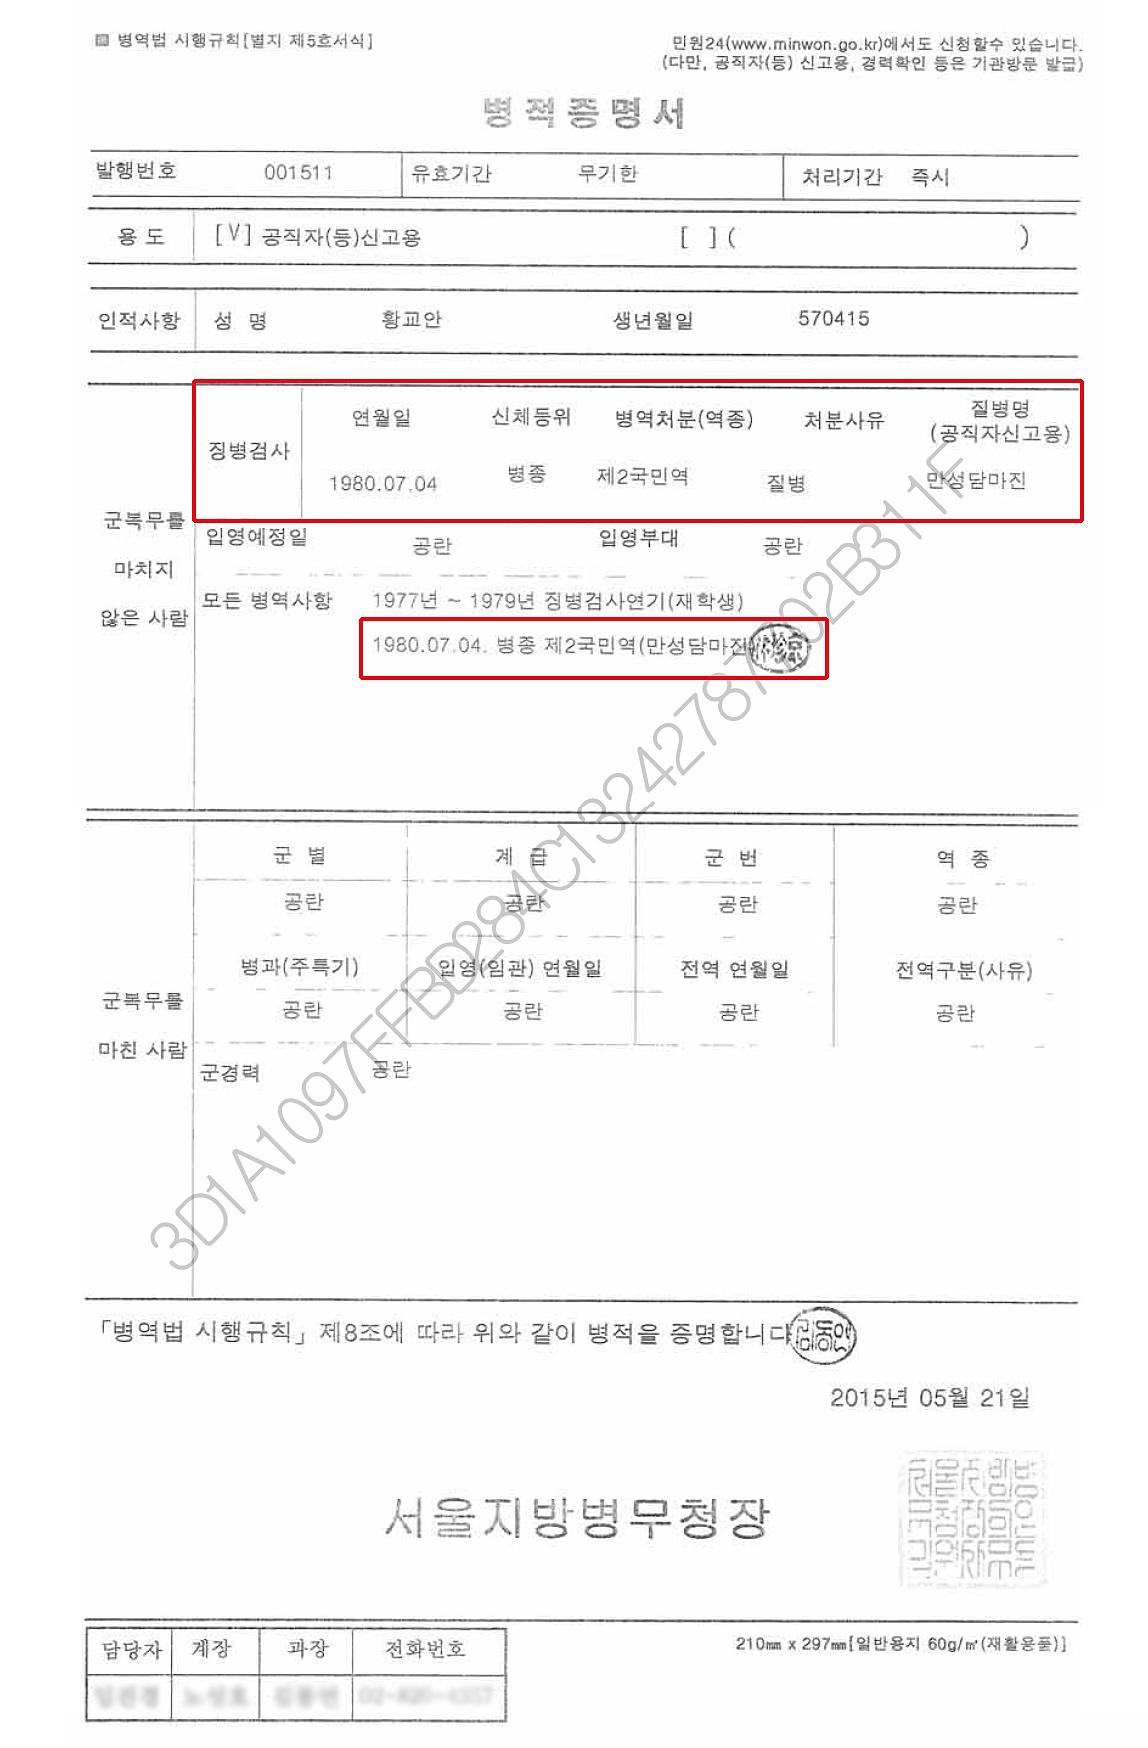 황교안 총리 후보자의 병적증명서. 지난 5월 21일 서울지방병무청이 발행한 이 문서에 따르면 황 후보자의 징병검사일은 1980년 7월 4일이고, 병종 제2국민역 판정이 내려진 날짜 역시 1980년 7월 4일이다.